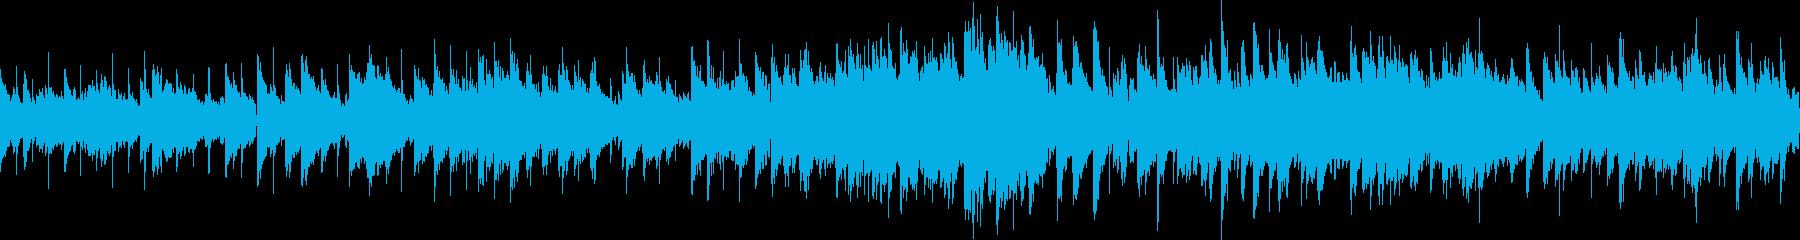 ジャズ調のバラードBGM (ループ仕様)の再生済みの波形